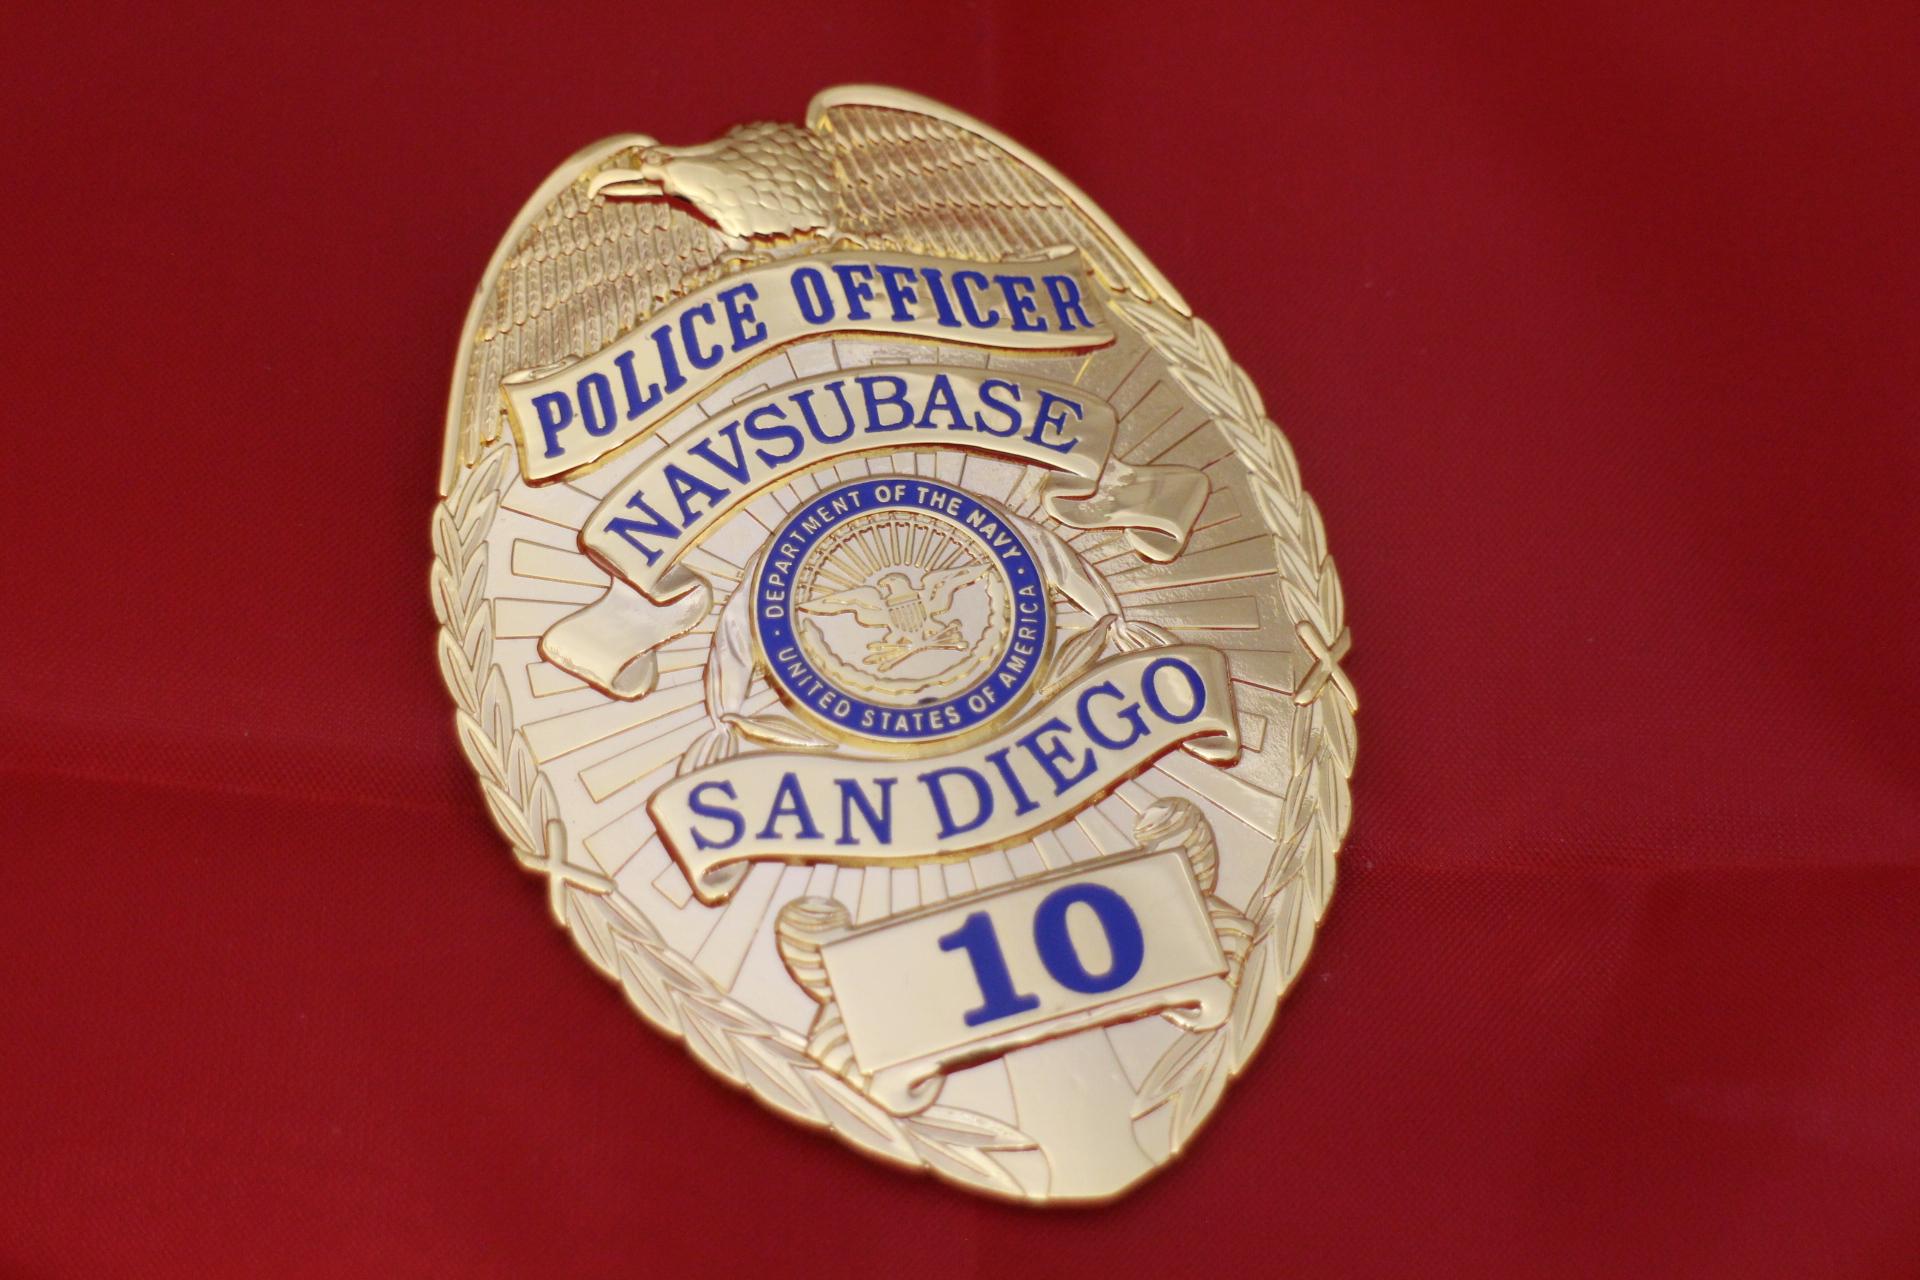 police officer us navy badge gestempelt. Black Bedroom Furniture Sets. Home Design Ideas